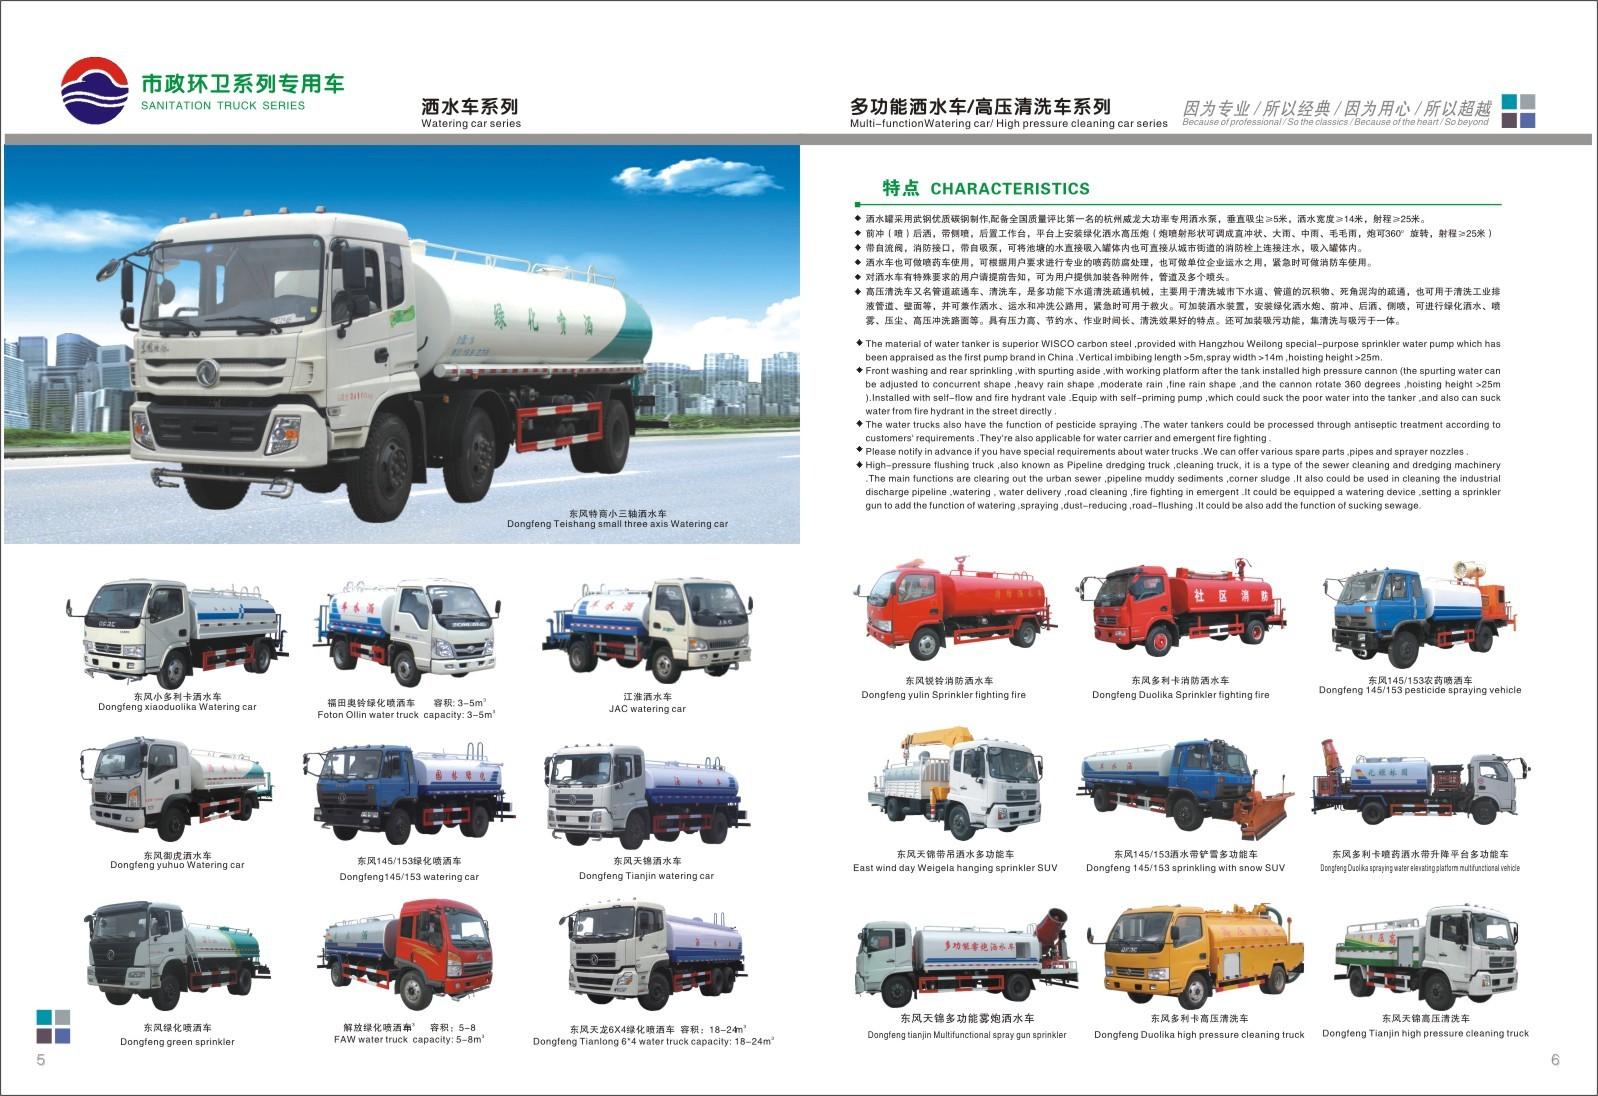 湖北 润 力 润 知 星 牌 SCS 最新 国 五 改装 车辆 公告 车型